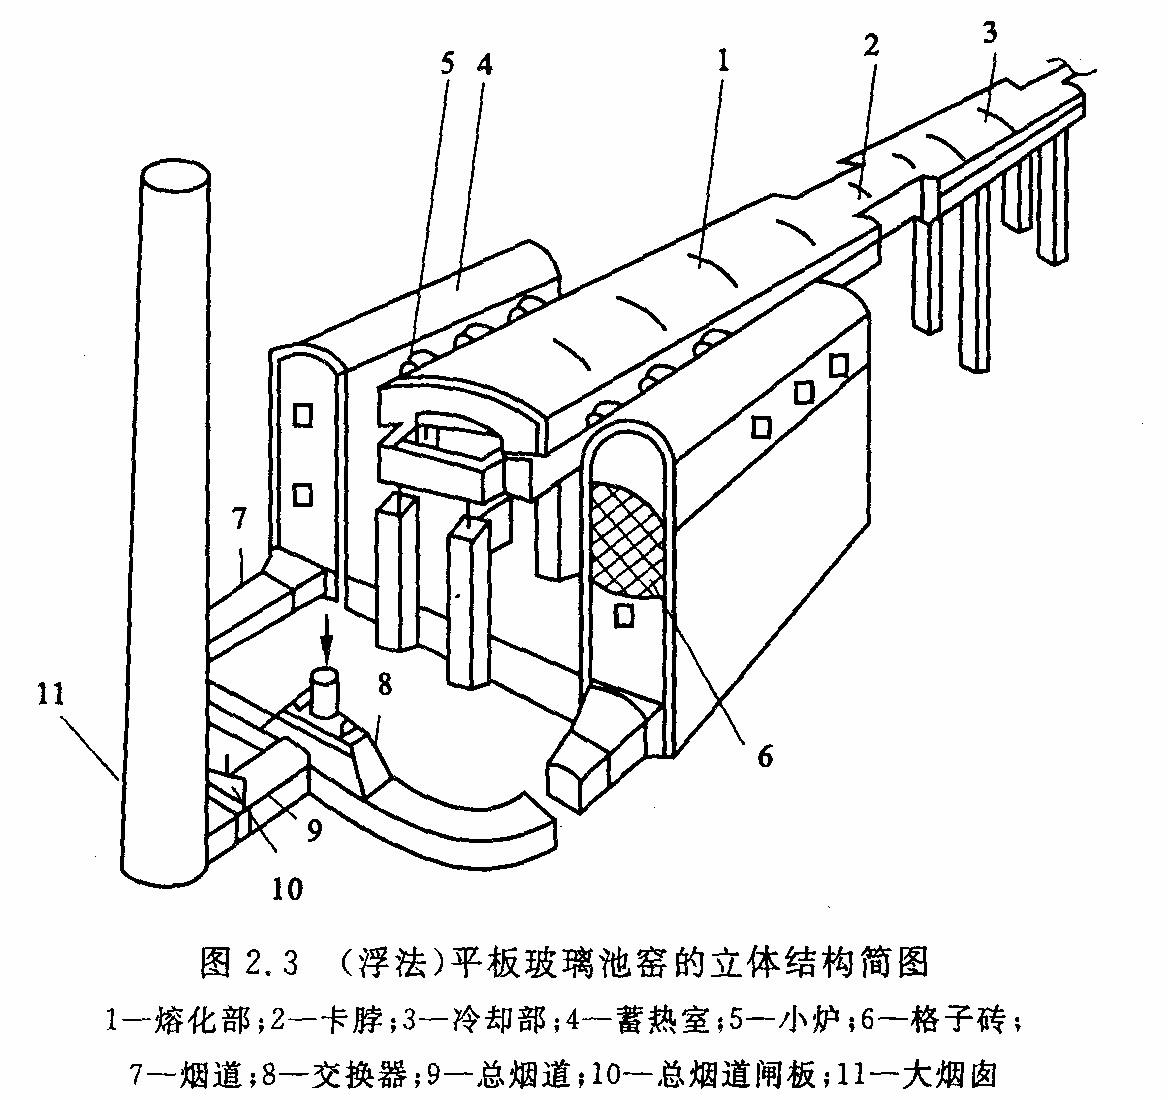 土窑炉结构图